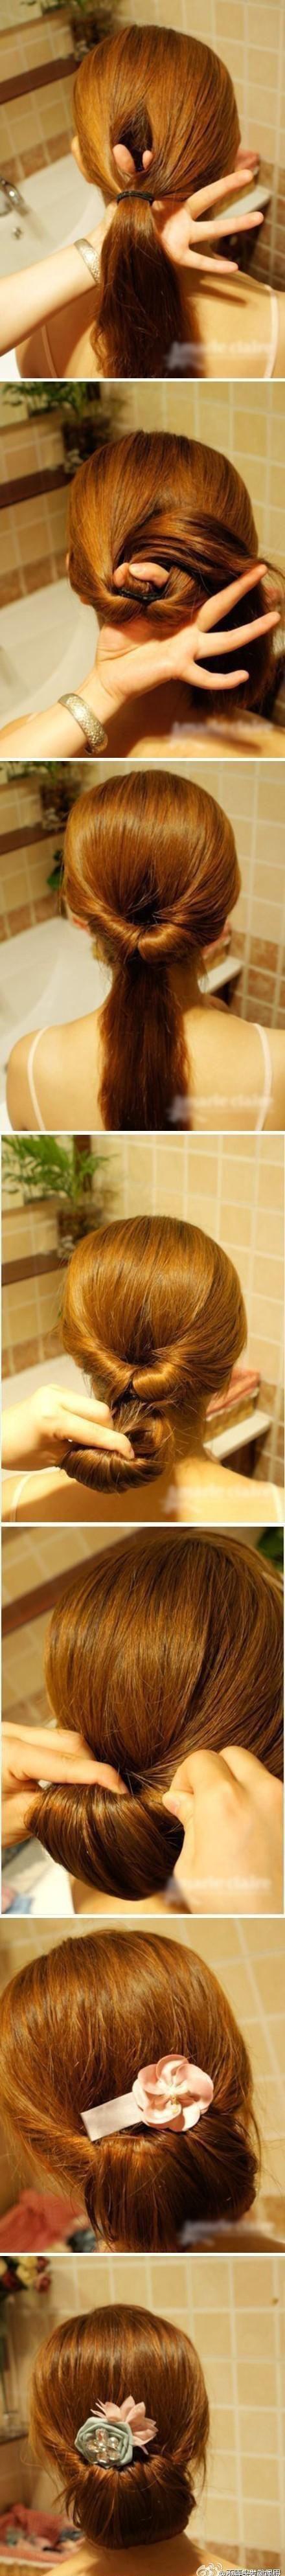 Причёска на волосы по плечи своими руками